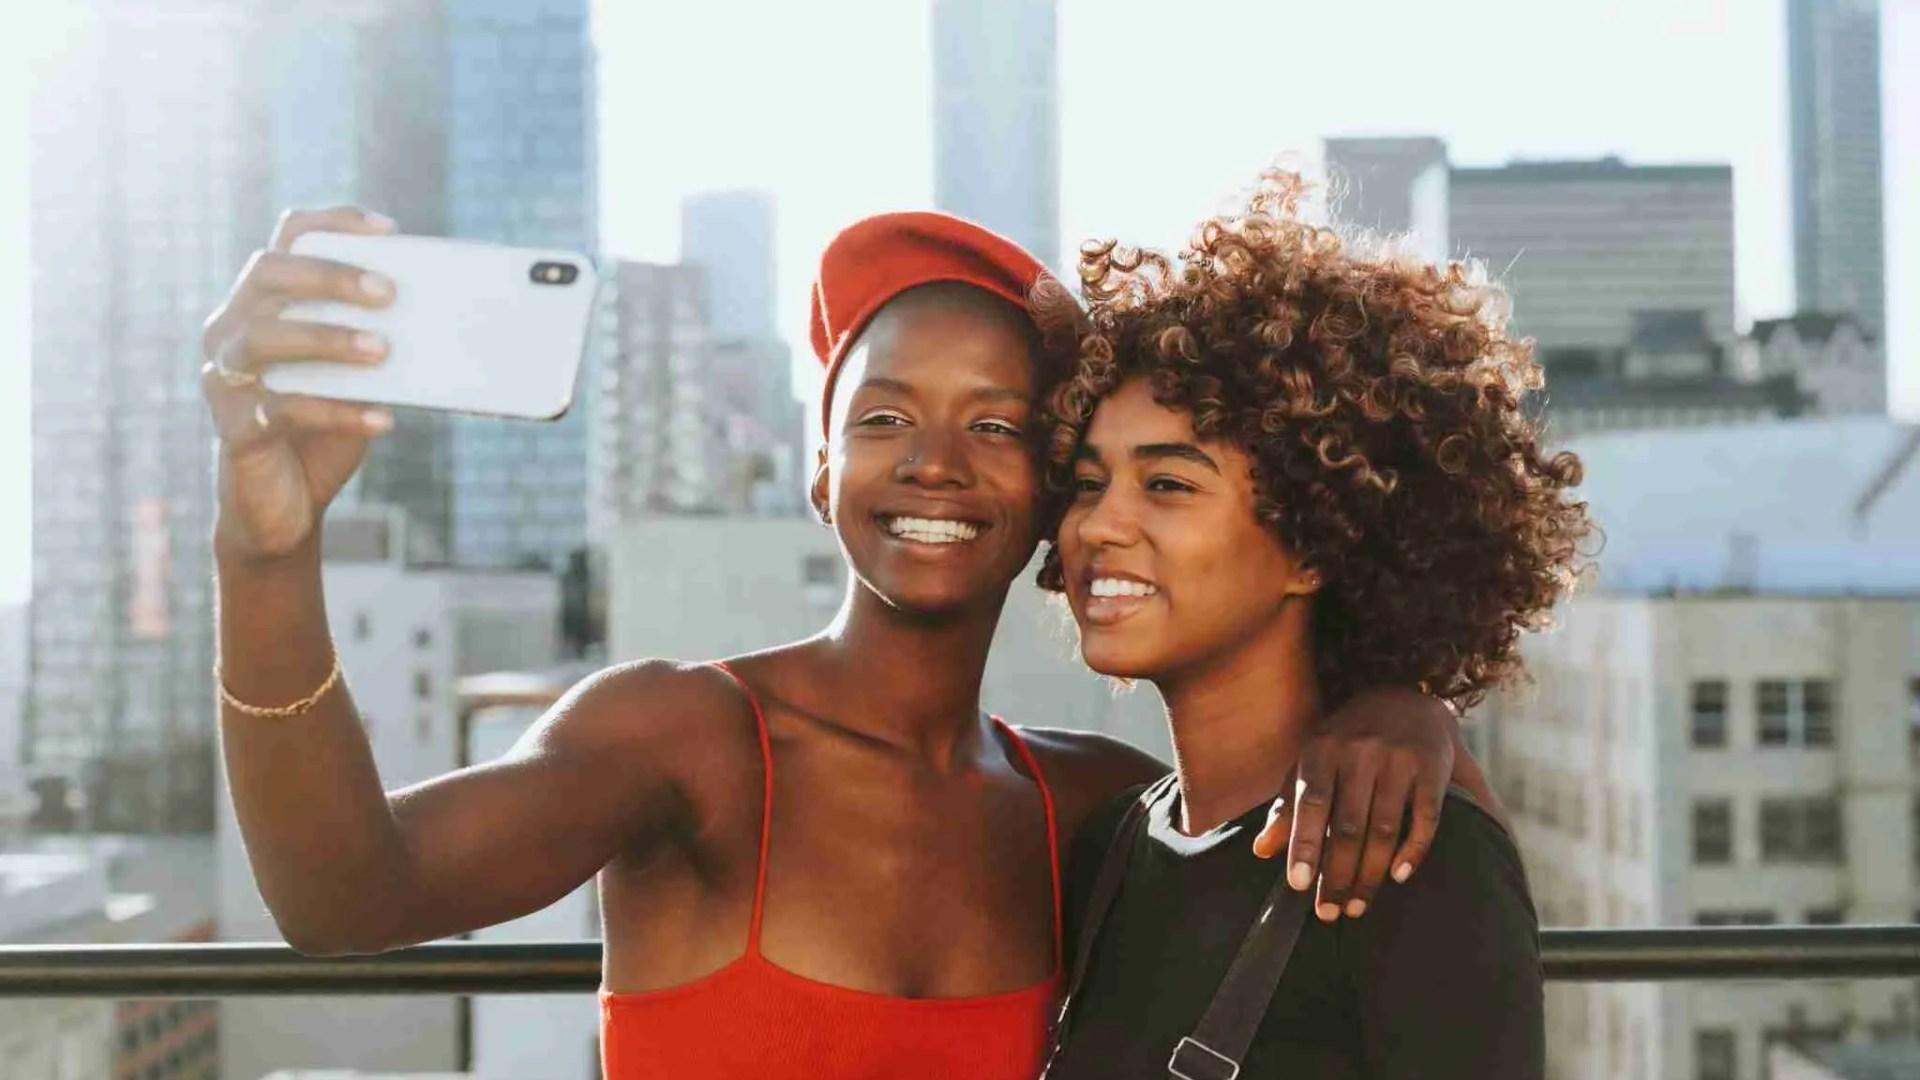 Why girls love selfies 1